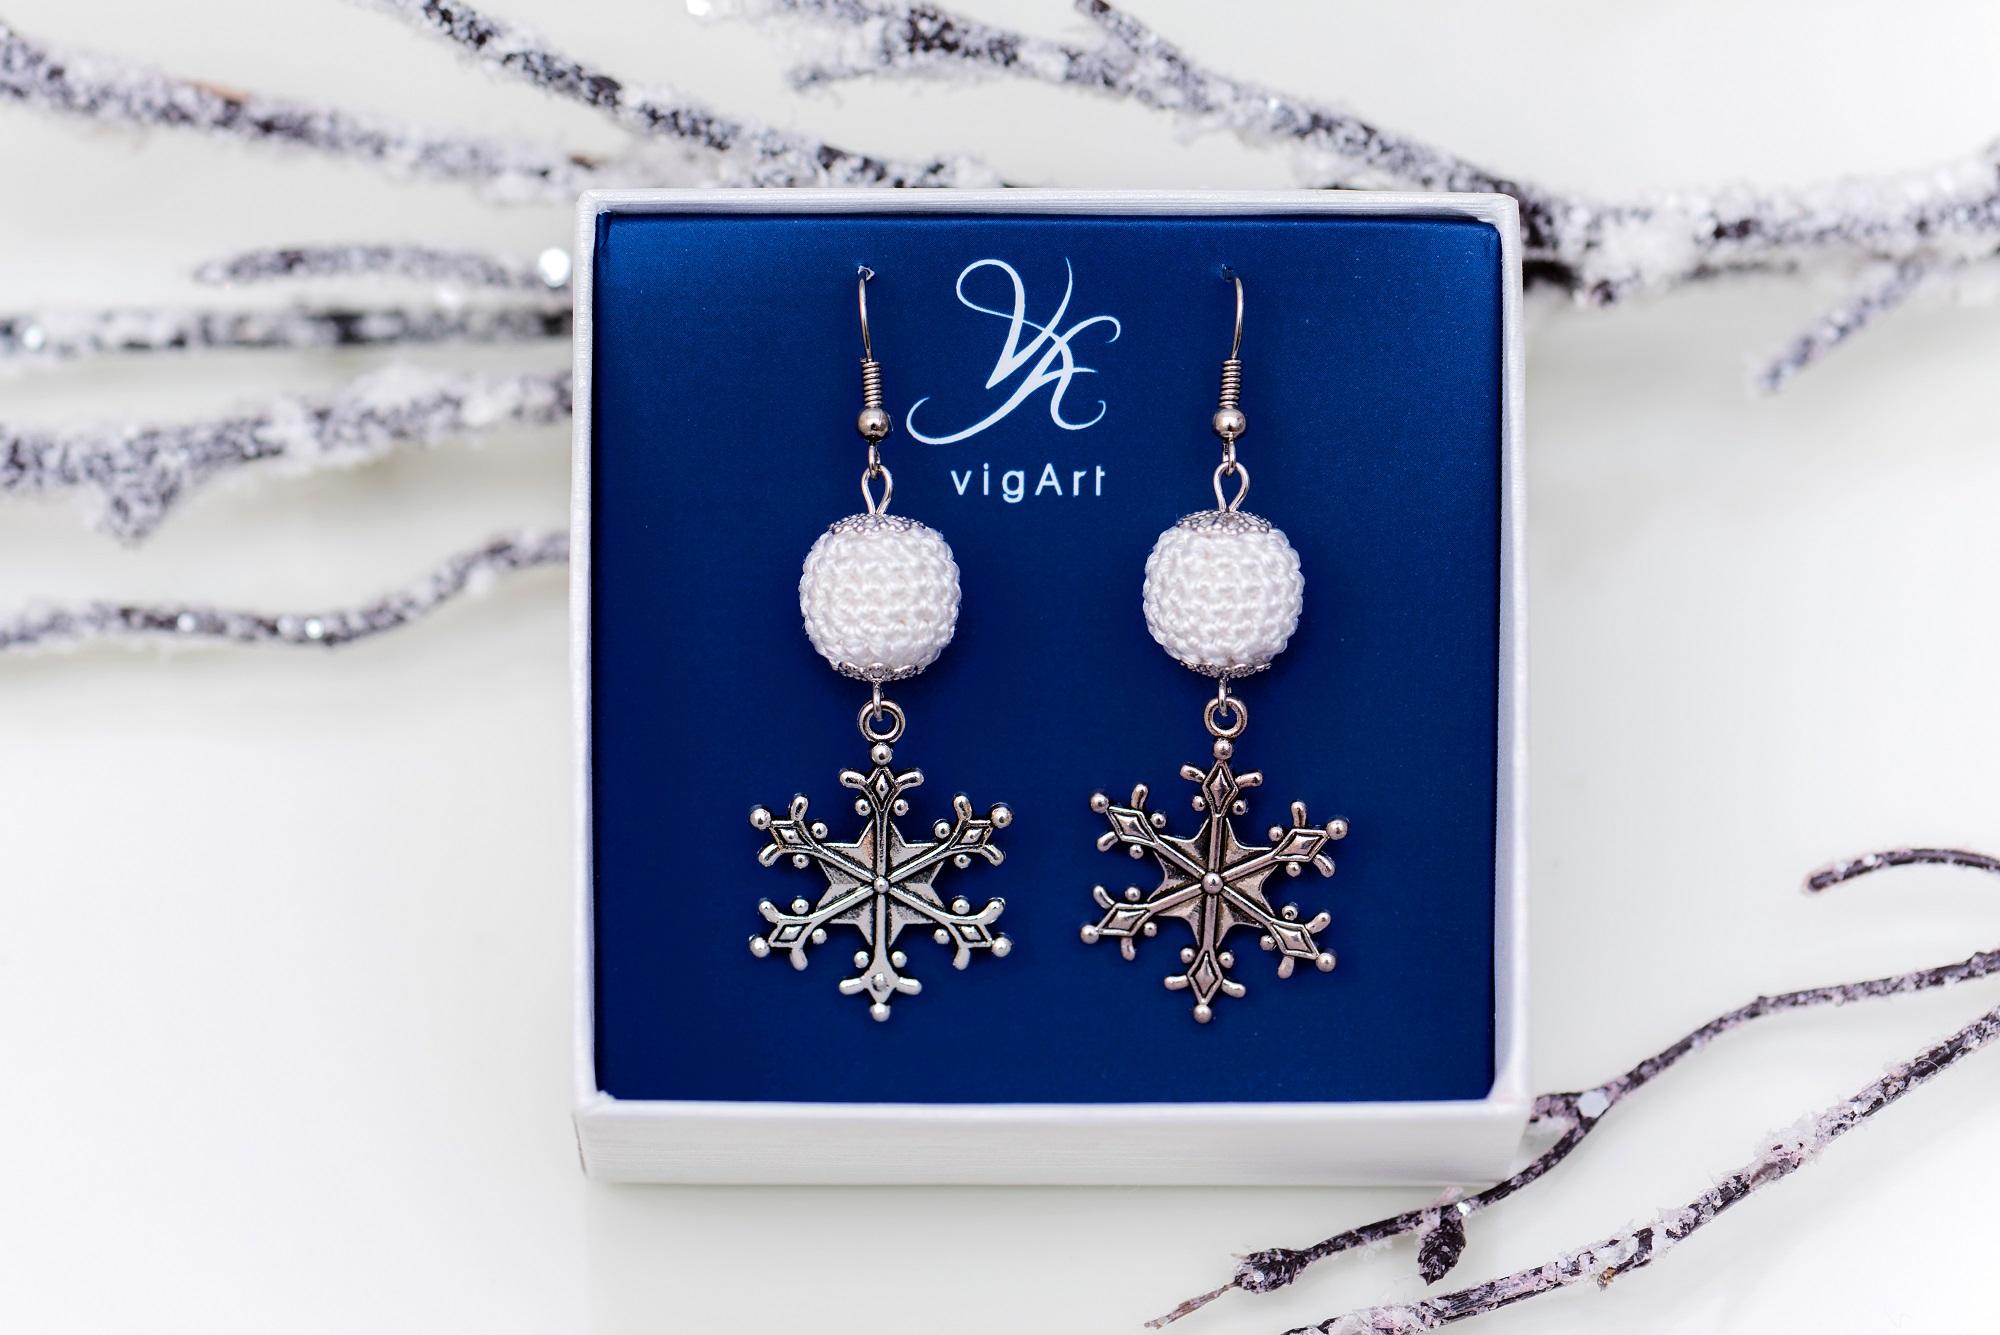 Textil ékszer: a karácsonyi készülődés és az irodai ajándékozás sztárja!